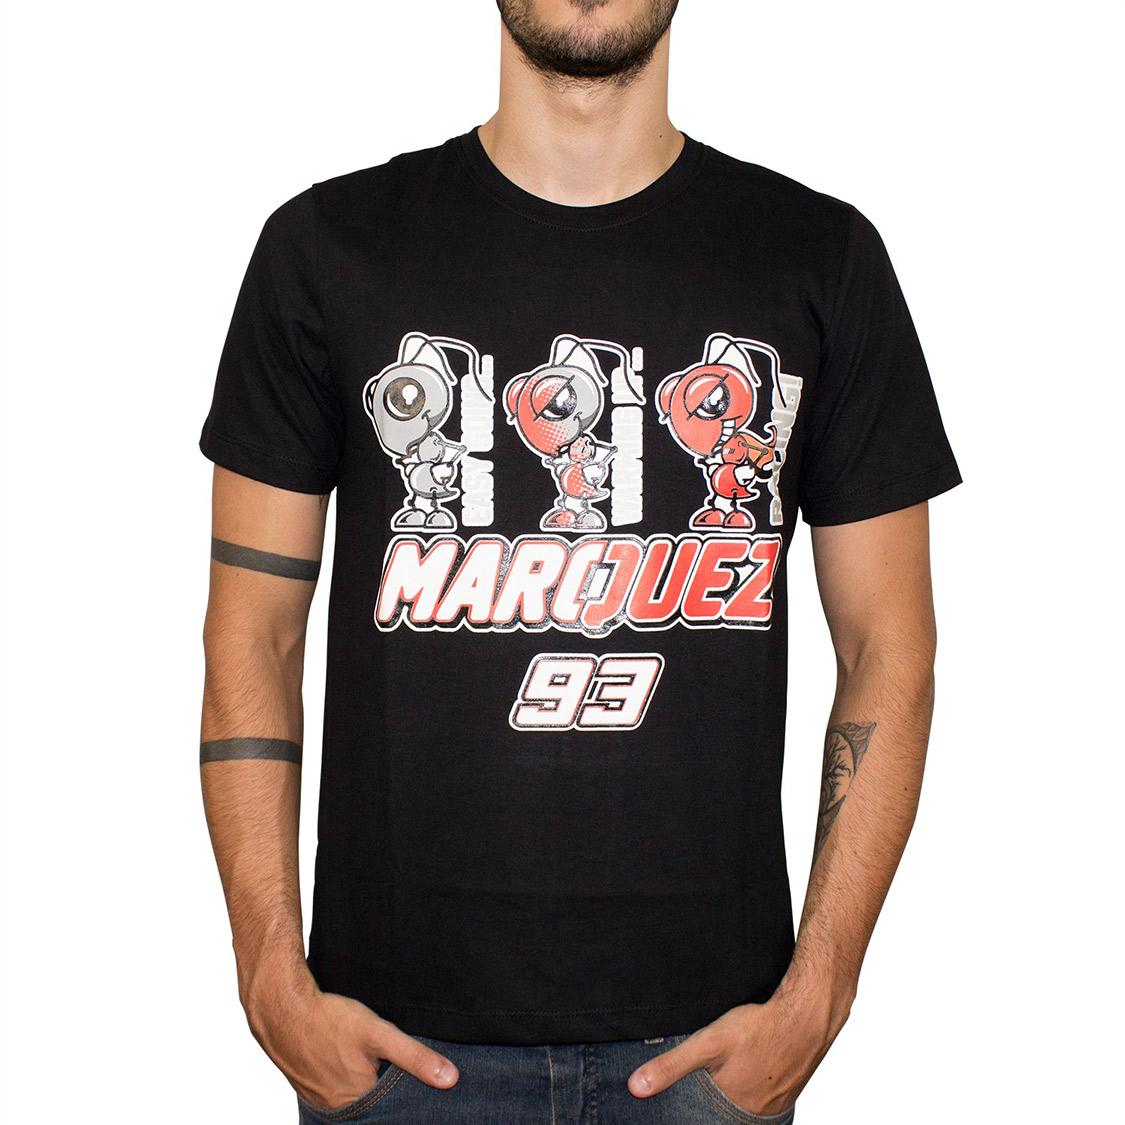 Camiseta SpeedRace Marc Marquez 93 Formiga Preta  - Nova Suzuki Motos e Acessórios